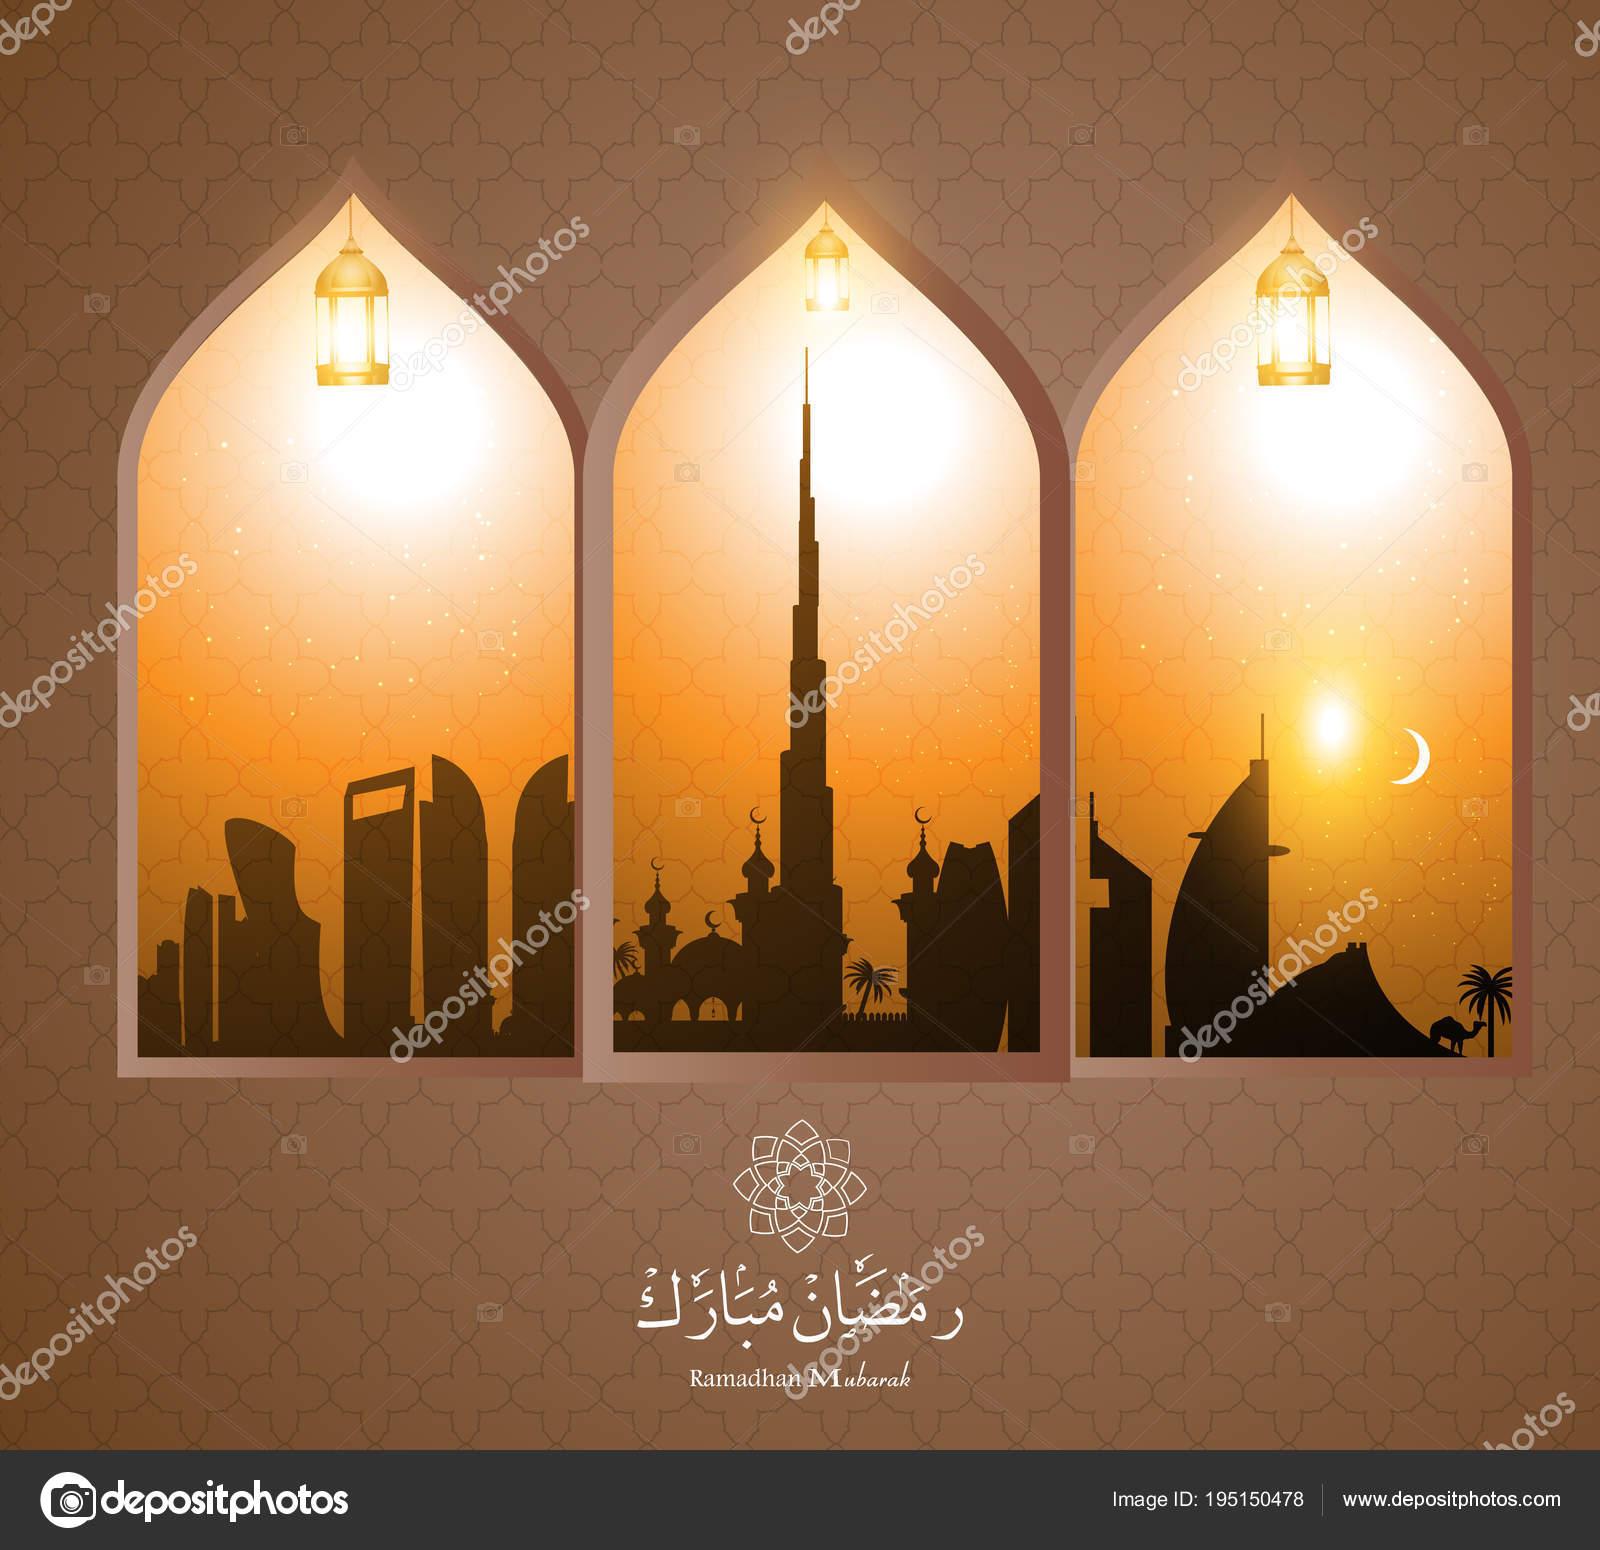 Арабские открытки с поздравлением фото 421